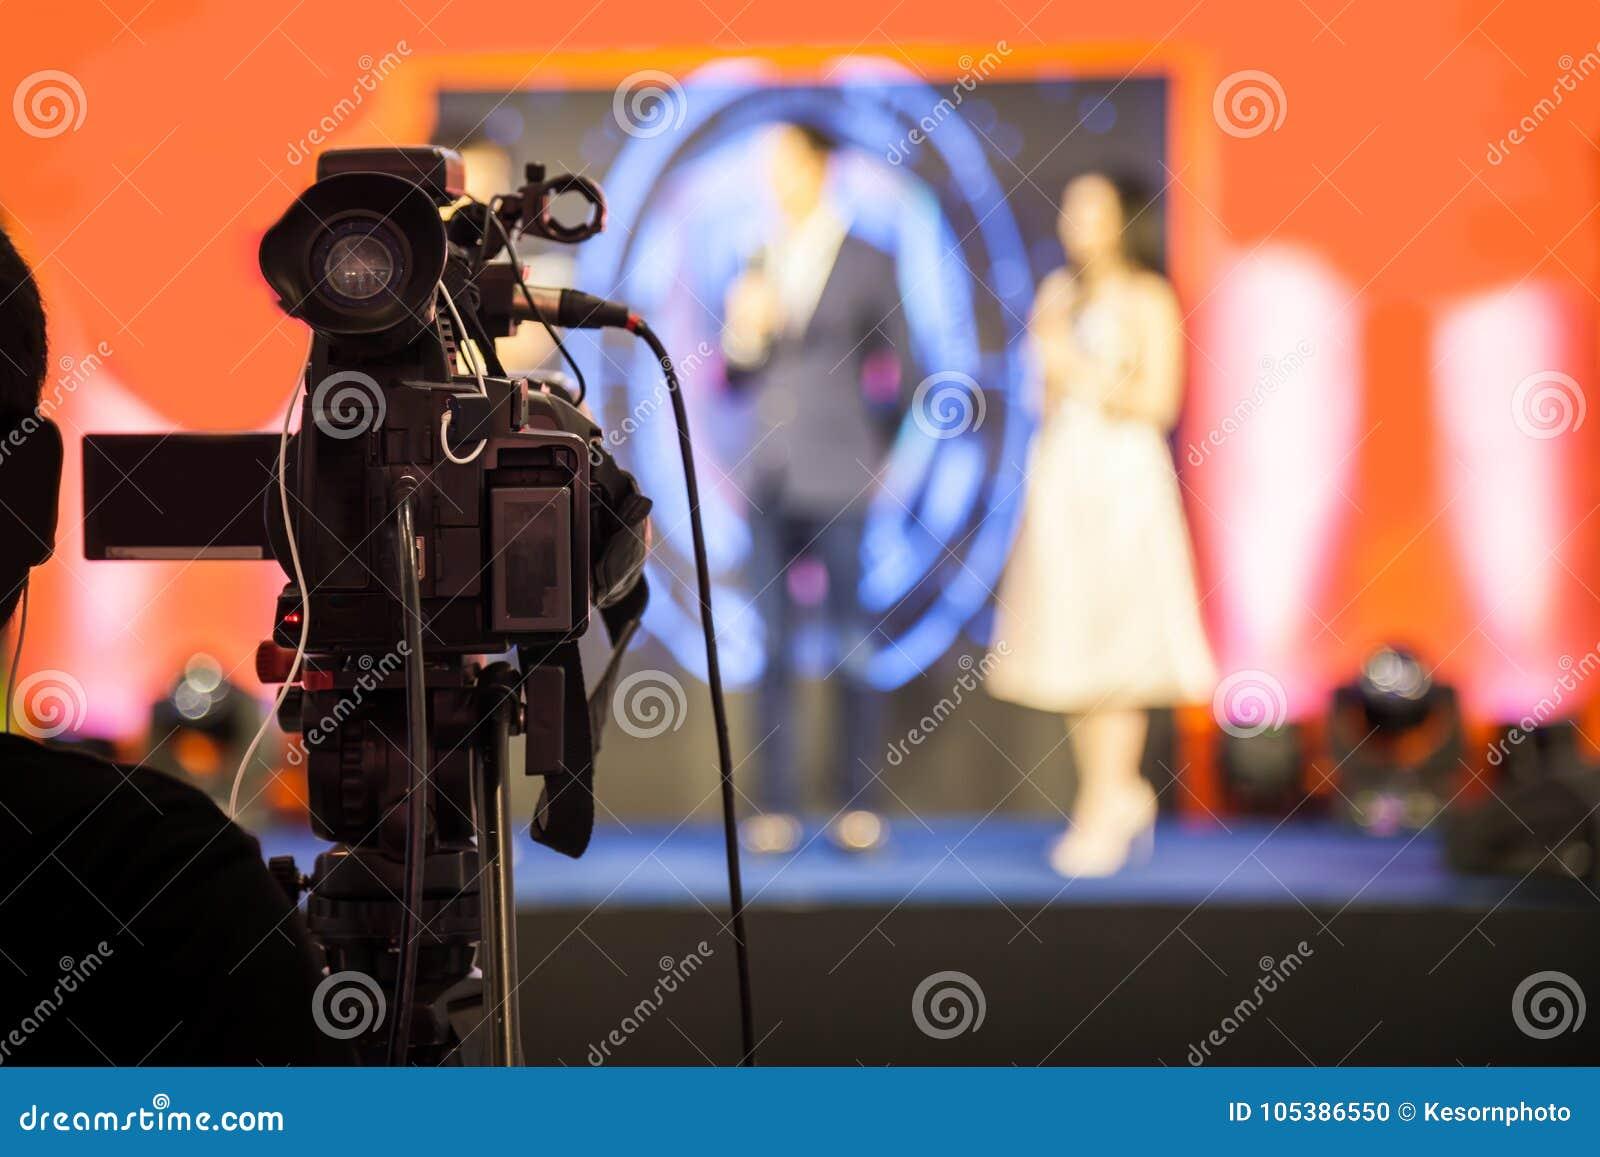 Het apparaat van de filmopname om gebeurtenis voor uitzending te registreren